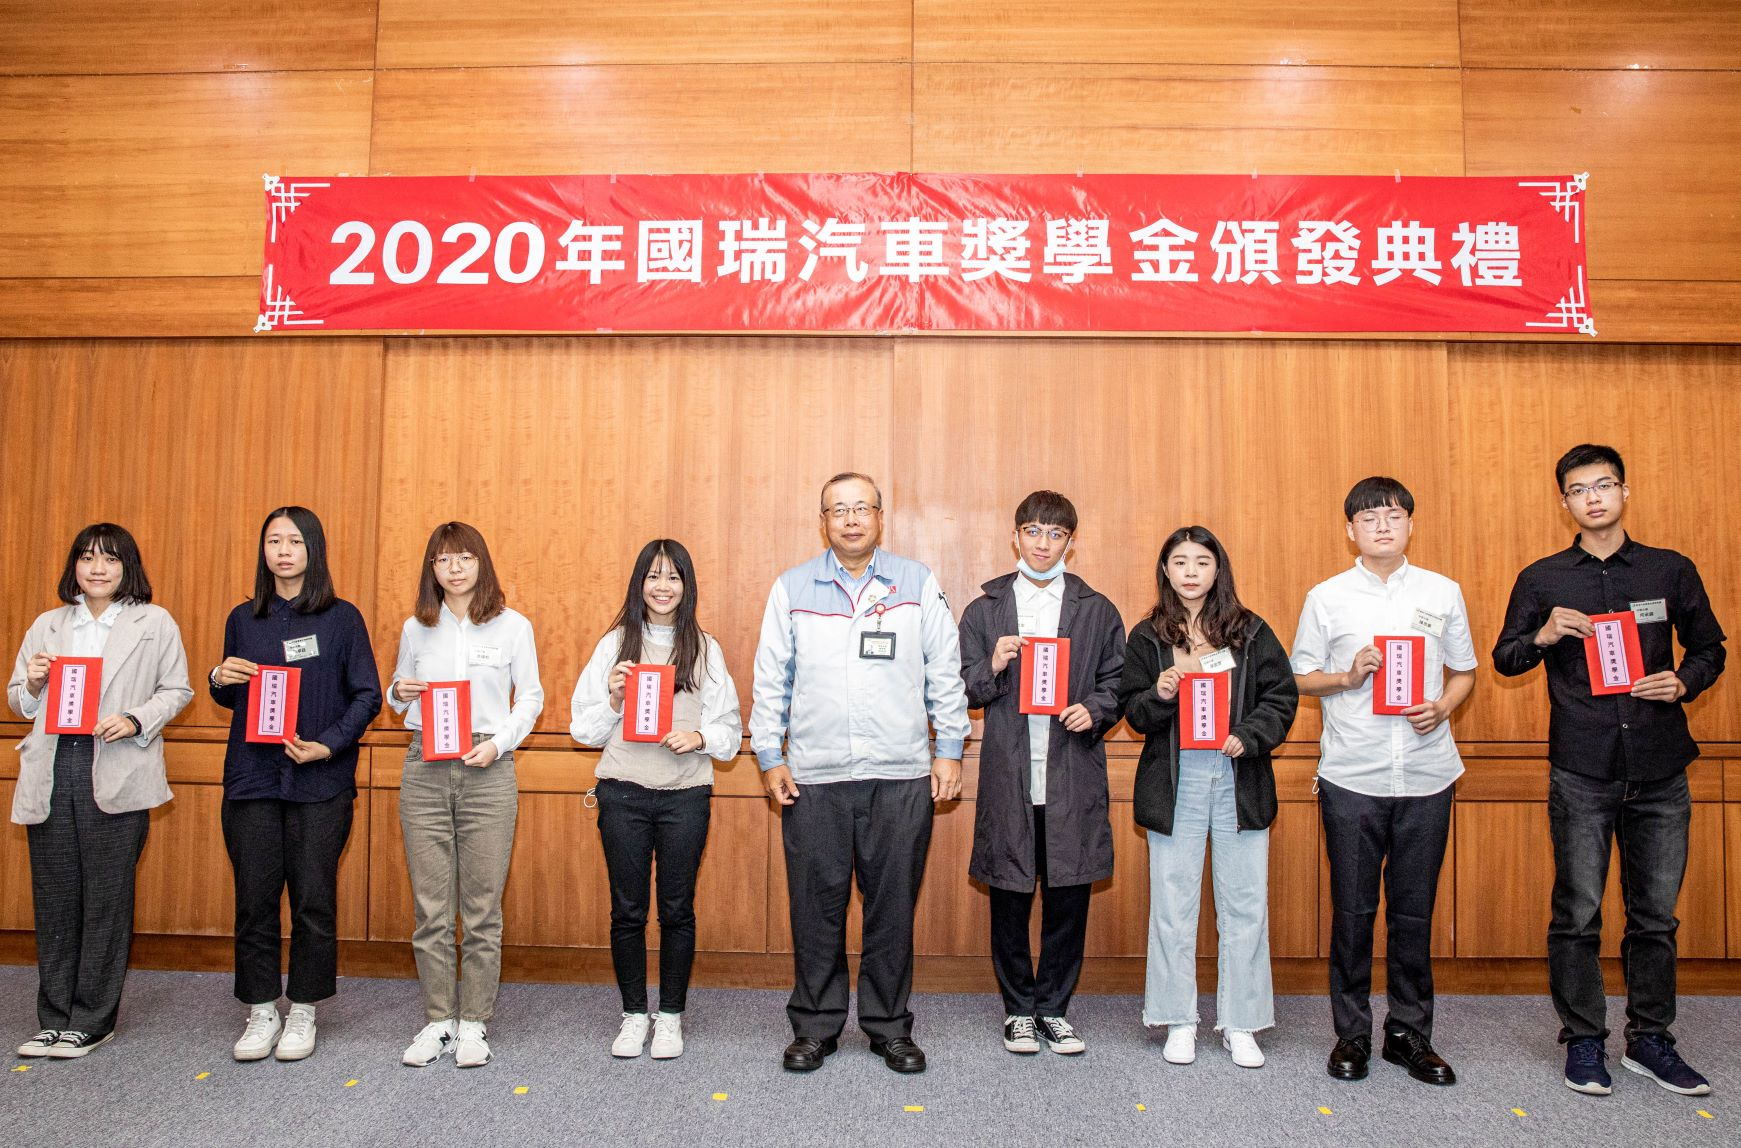 林永裕總經理與大學組得獎同學合影。